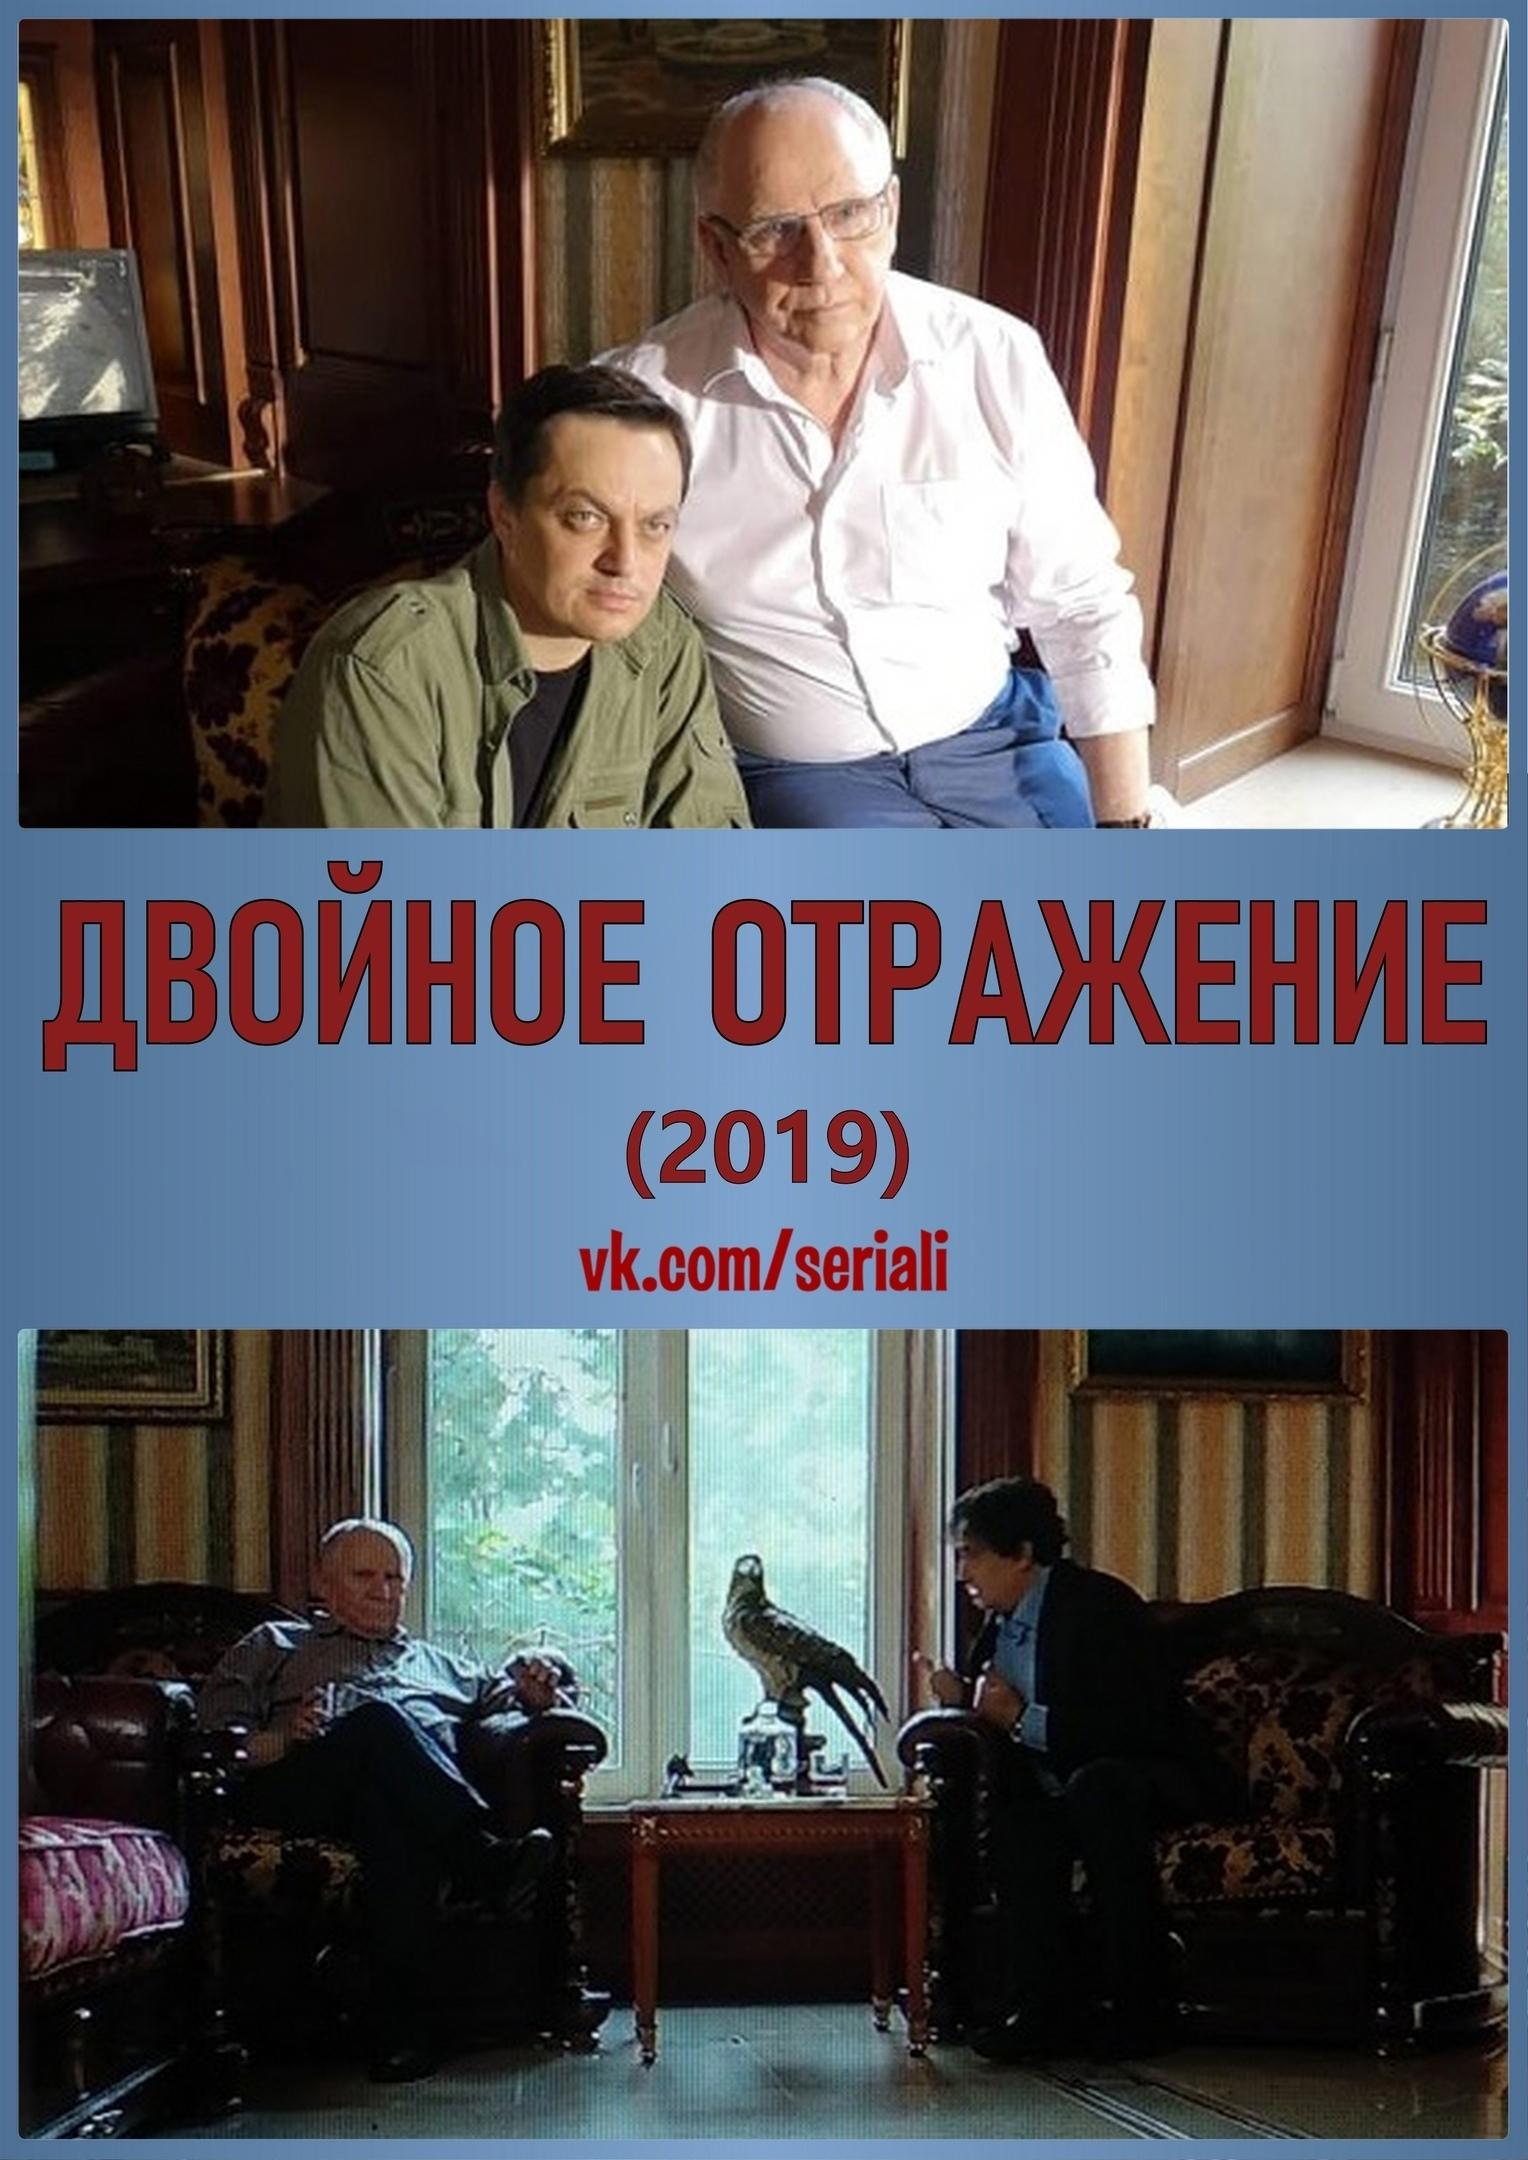 Детектив «Двoйнoe отрaжениe» (2019) 1-8 серия из 8